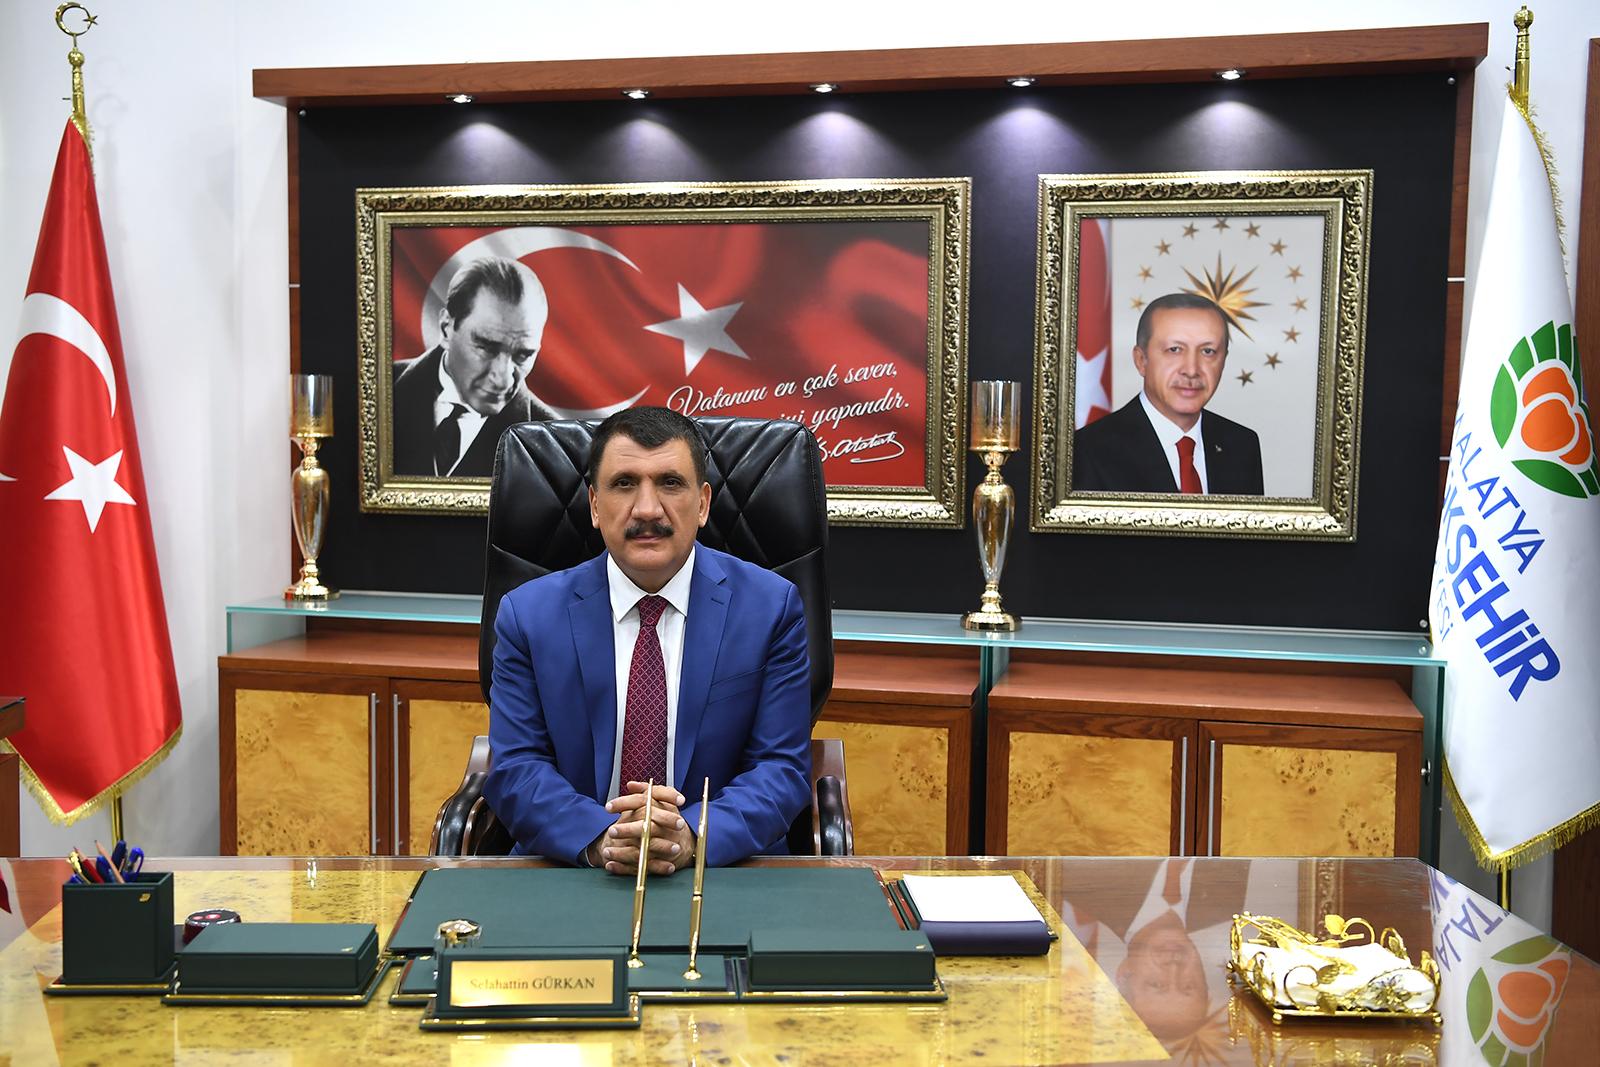 Kocaeli Okuyor / Anadolu'nun Stratejik Kapısı – Malatya Büyükşehir Belediye  Başkanı Selahattin Gürkan, Ramazan Bayramı dolayısıyla bir mesaj yayınladı